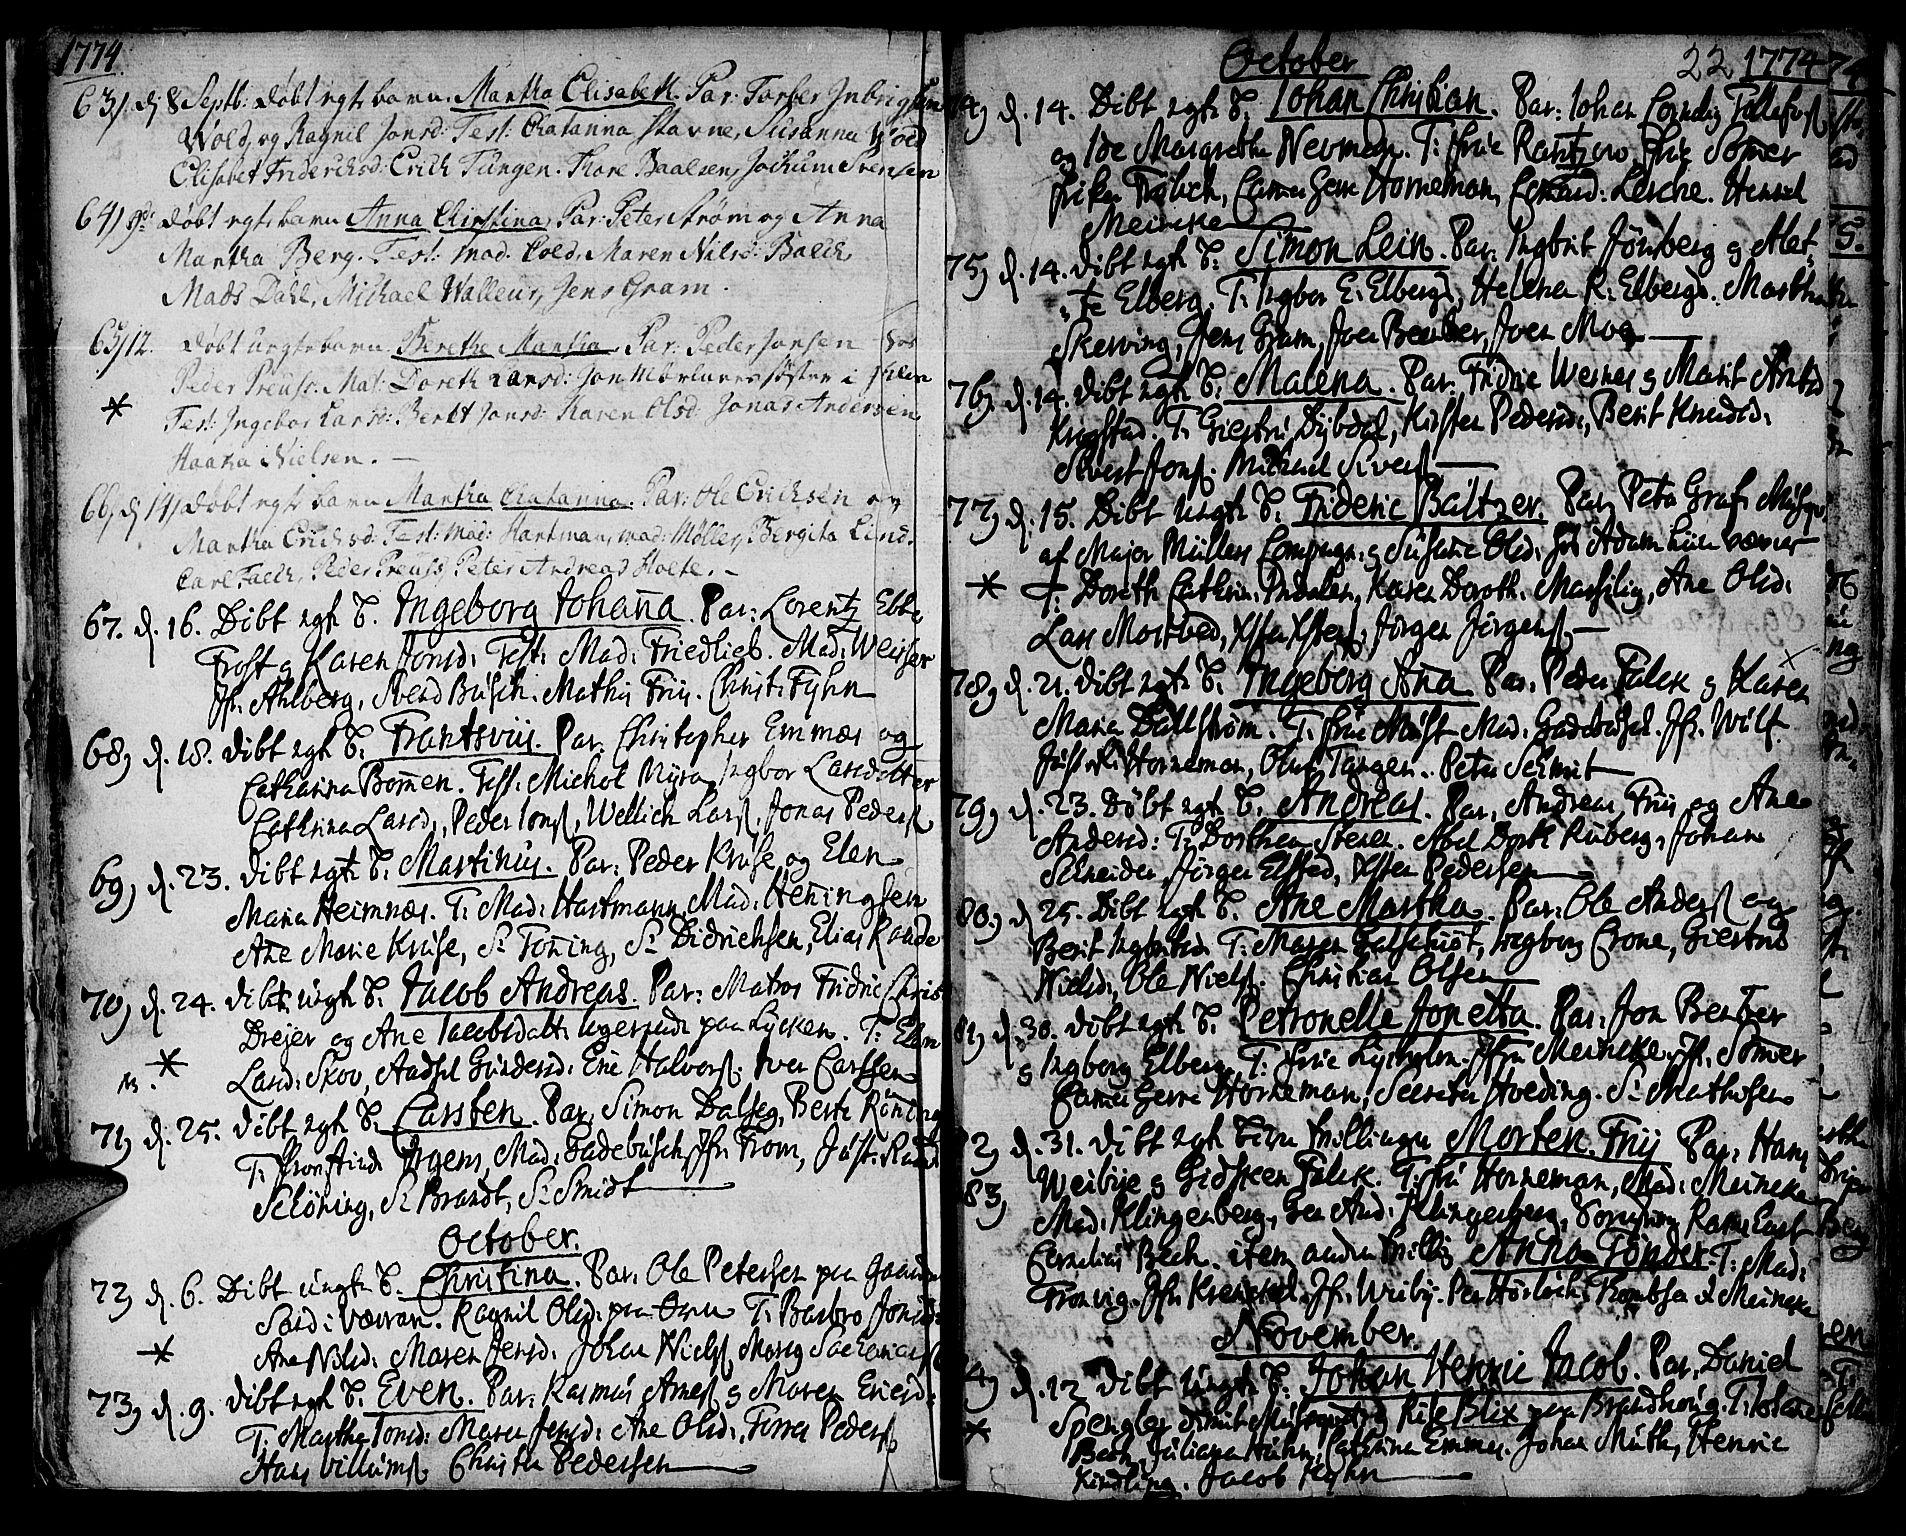 SAT, Ministerialprotokoller, klokkerbøker og fødselsregistre - Sør-Trøndelag, 601/L0039: Ministerialbok nr. 601A07, 1770-1819, s. 22